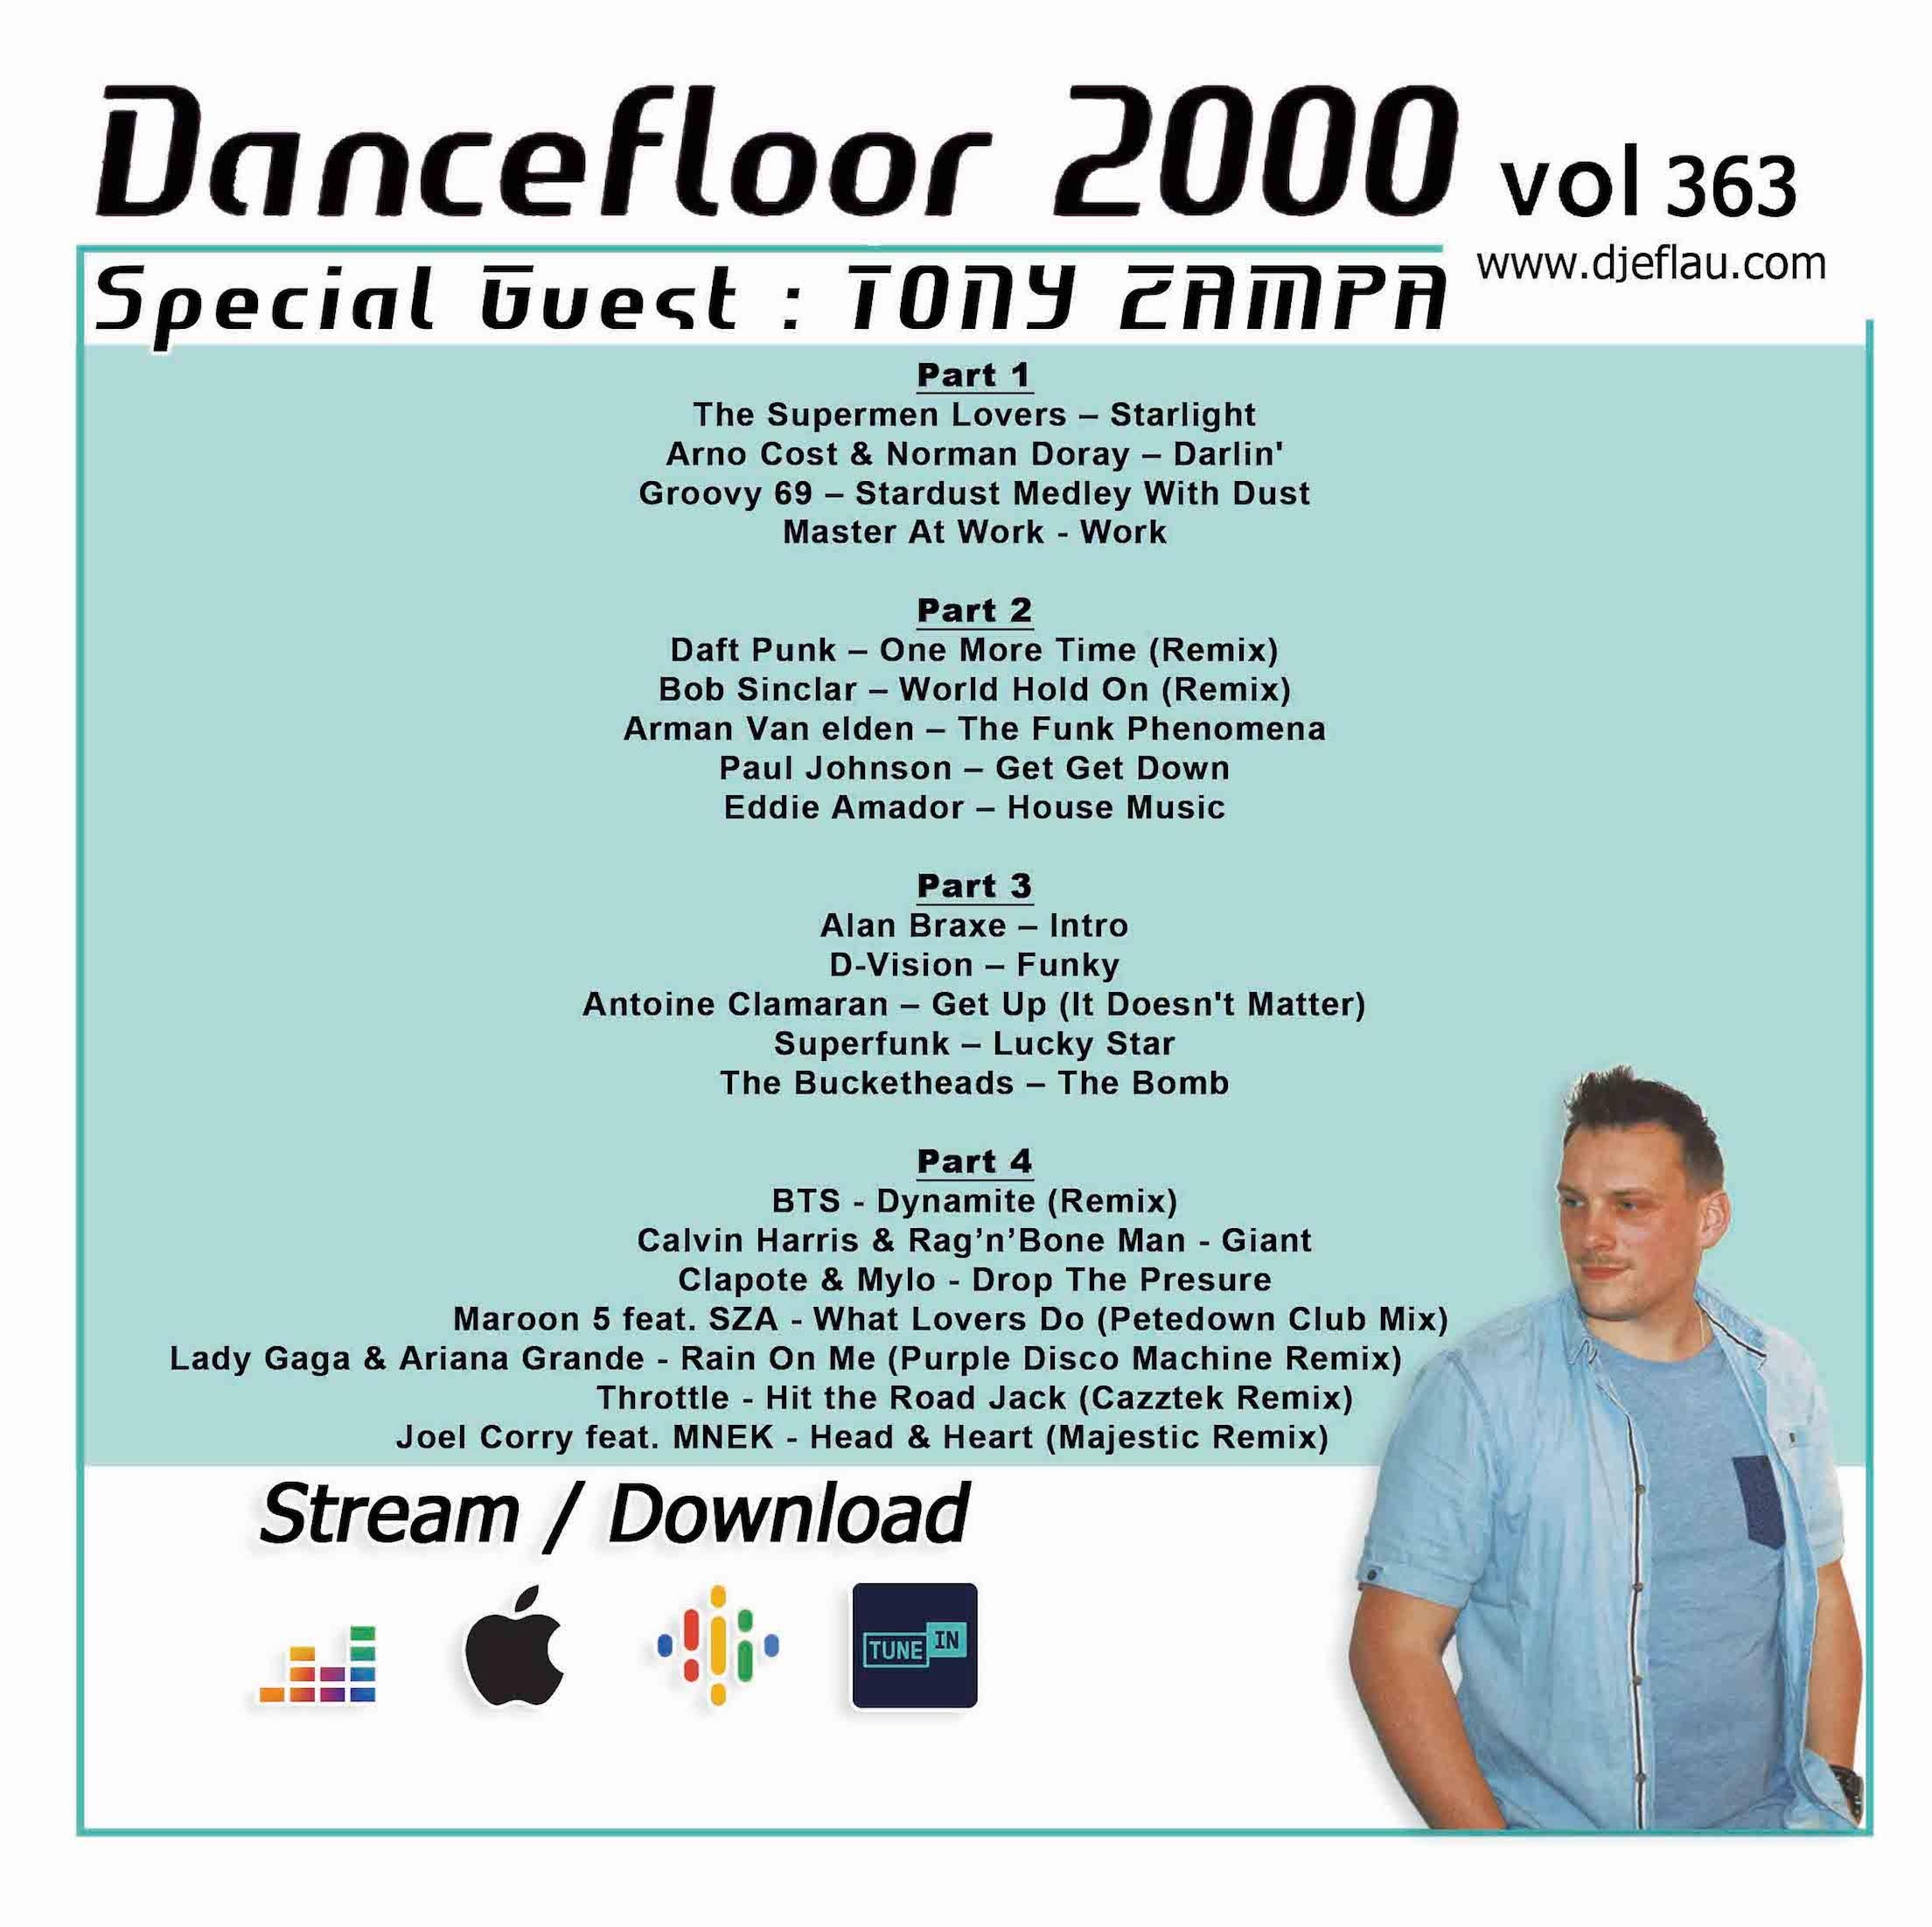 DANCEFLOOR 2000 vol 363